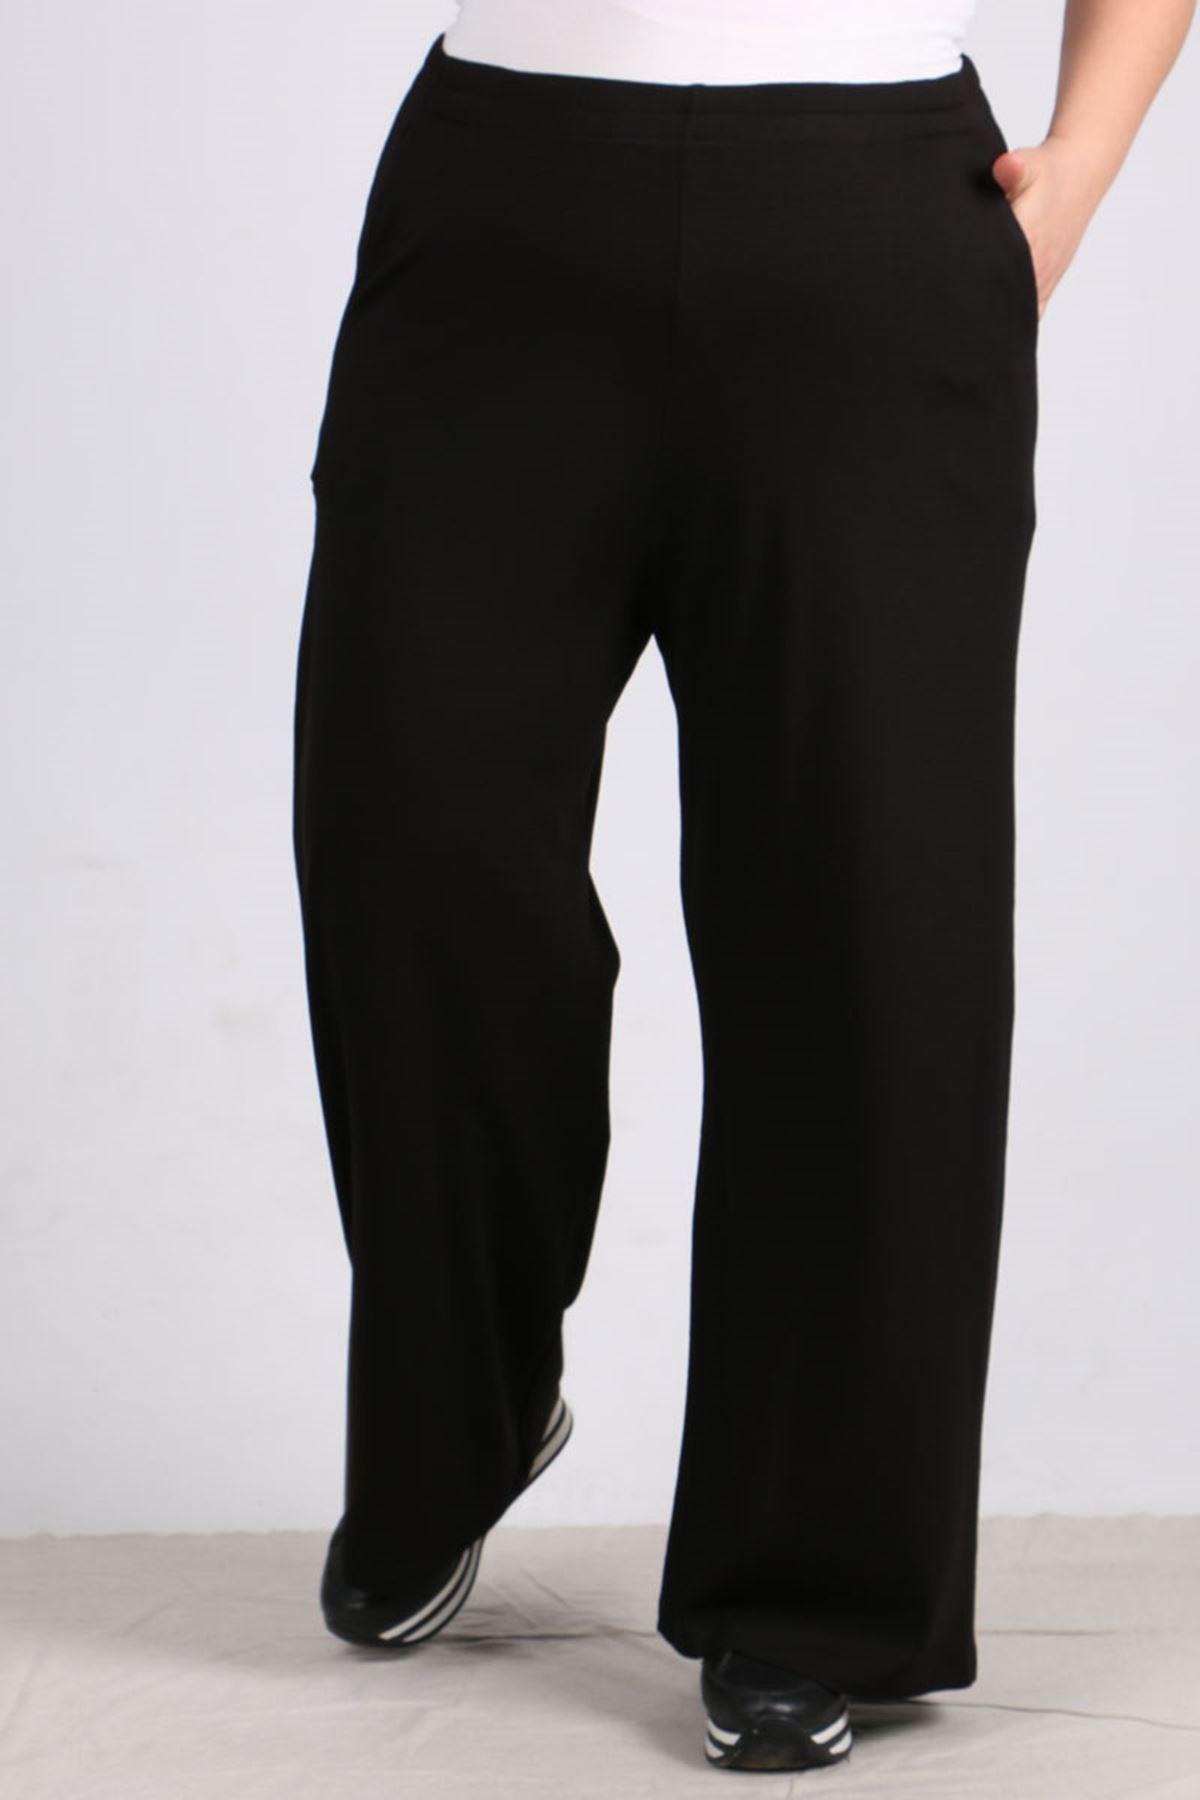 D-9012-2 Büyük Beden Defolu Beli Lastikli Penye Pantolon -Siyah